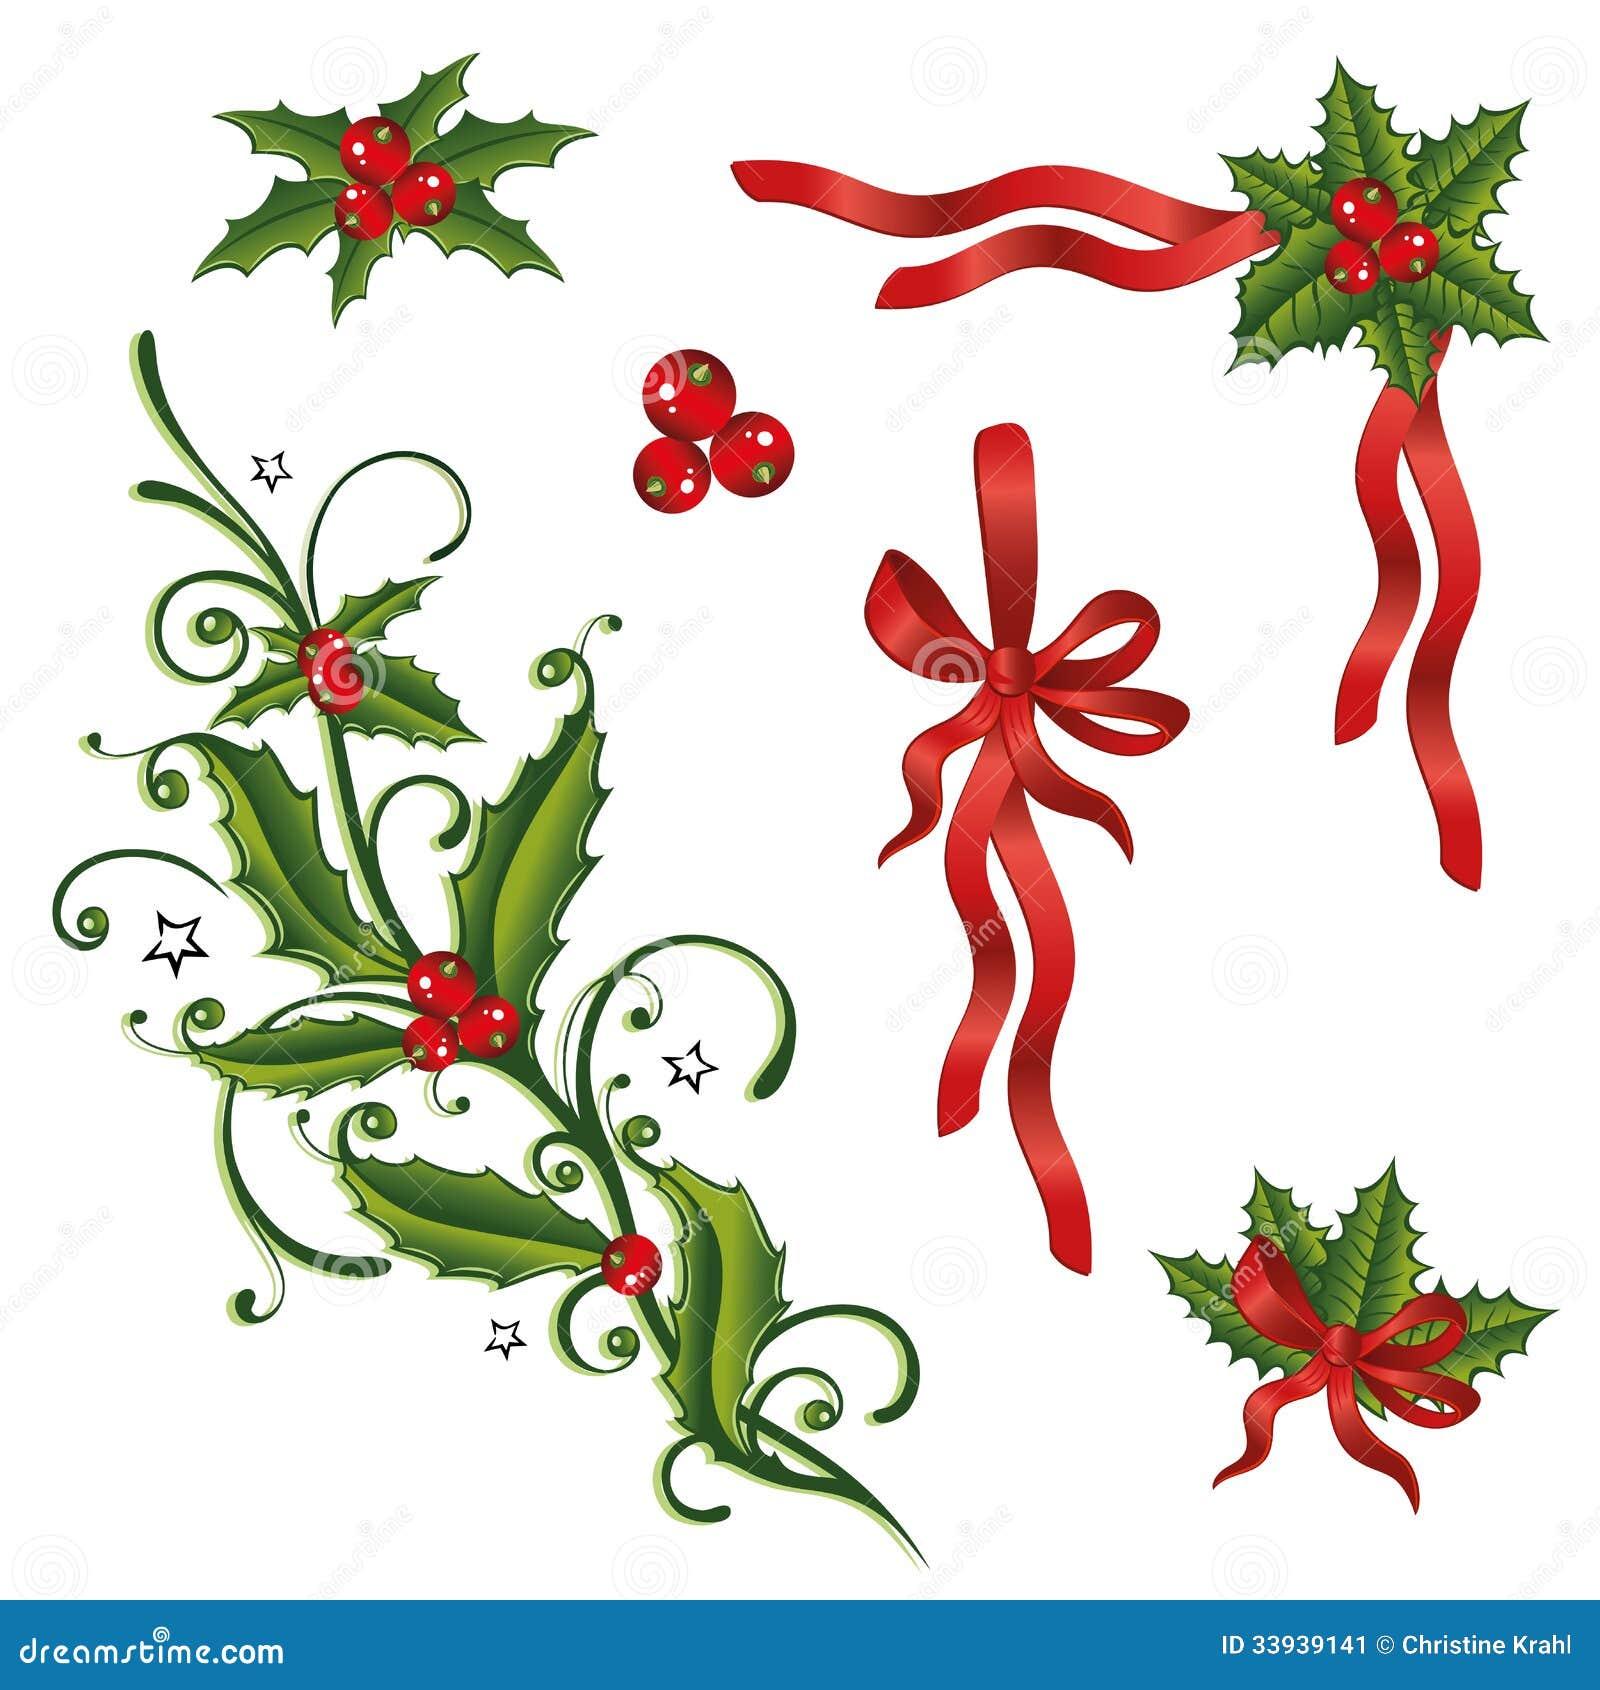 Decoration Floral Mural Design